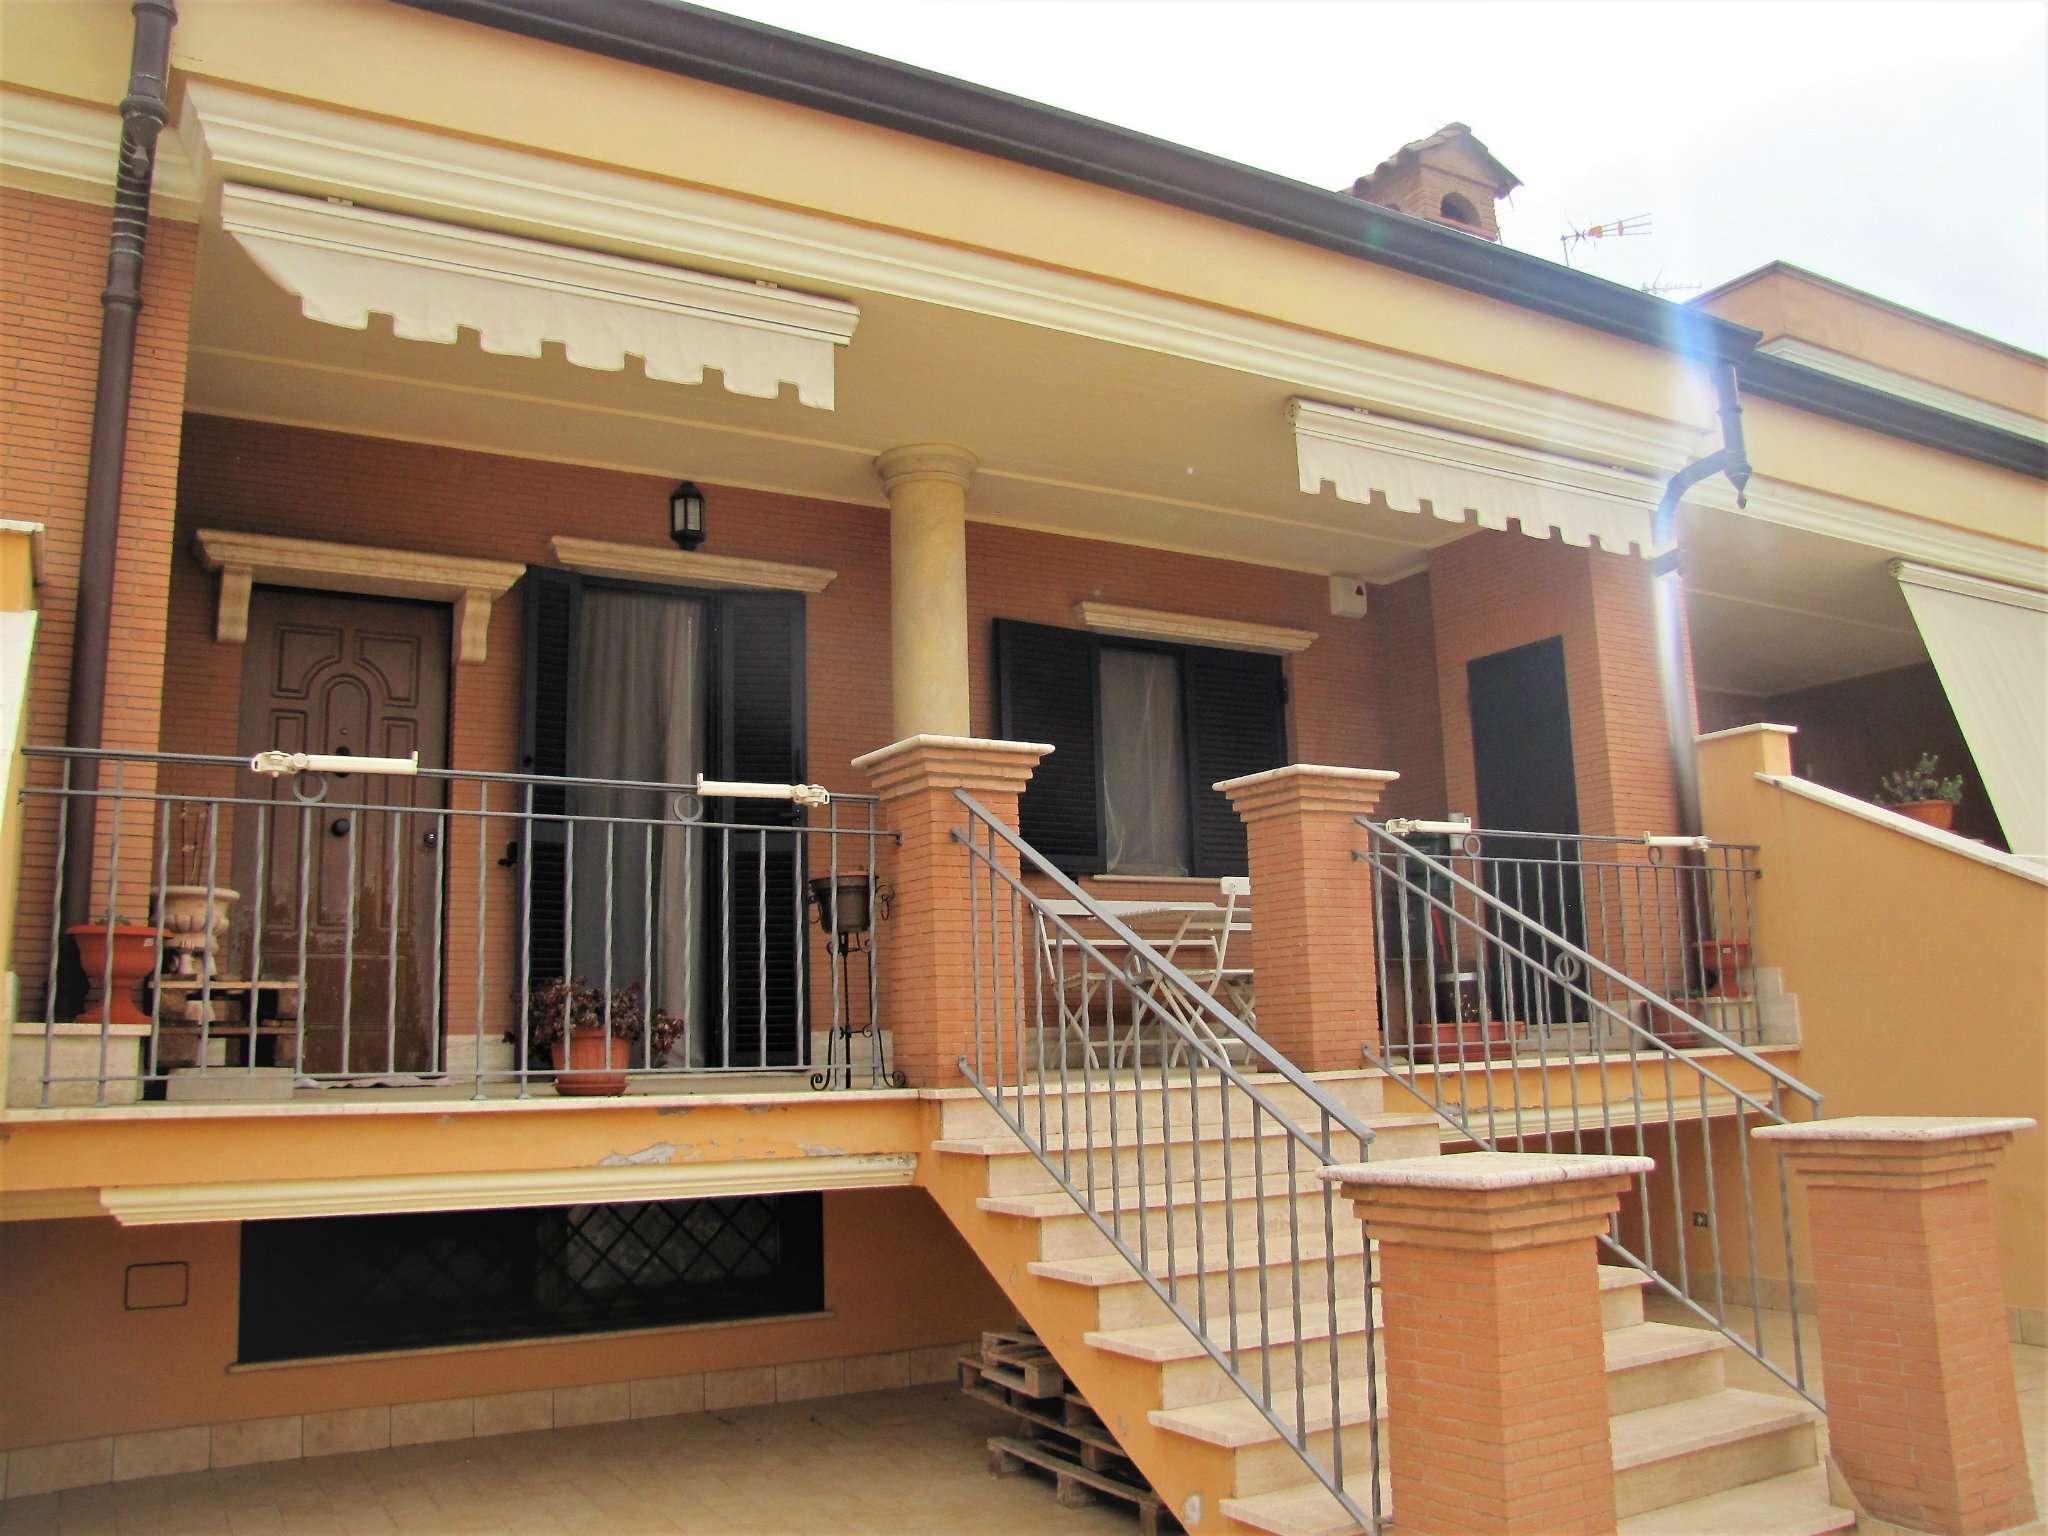 Foto 3 di Villa a Schiera via MITTA 6, Roma (zona Finocchio - Torre Gaia - Tor Vergata)